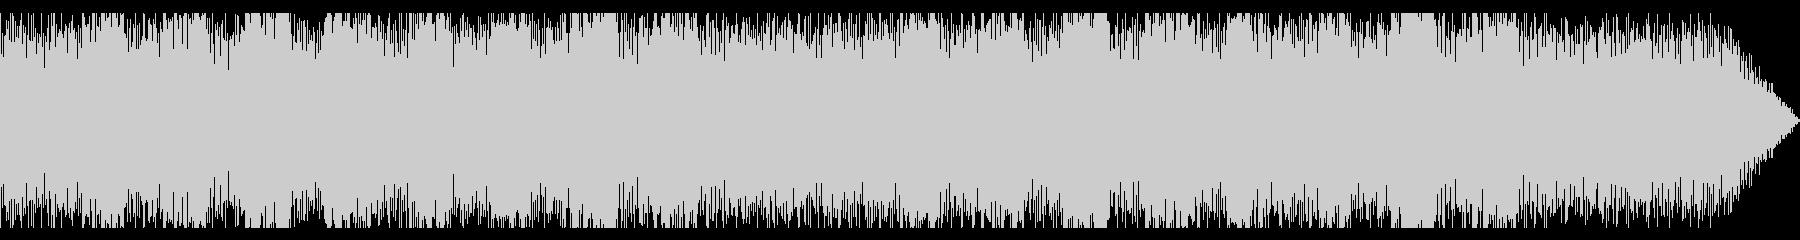 強いビートのテクノ音楽の未再生の波形